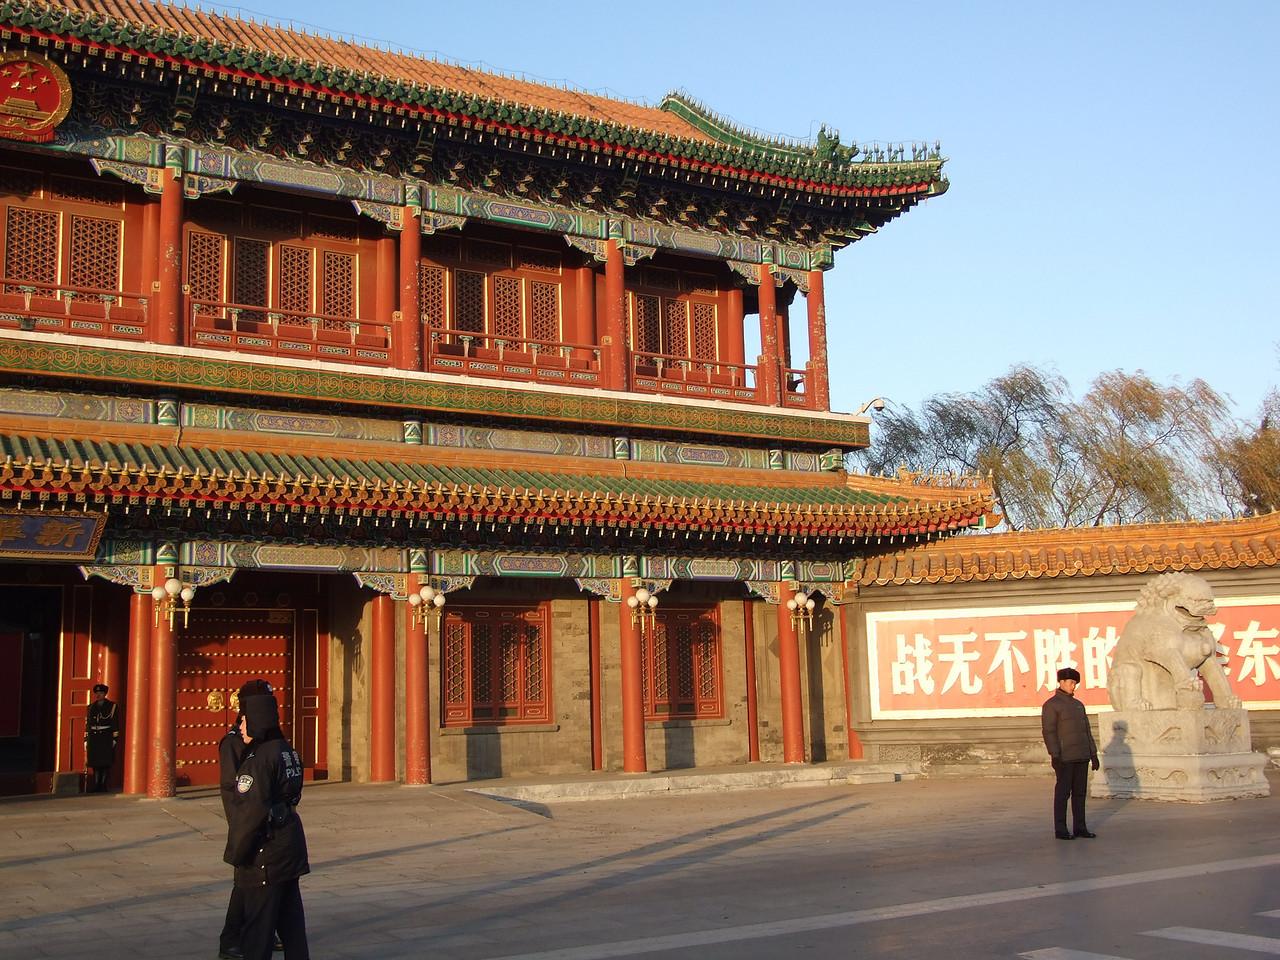 Ministère des Postes et Télécommunications sur Xi chang'an.